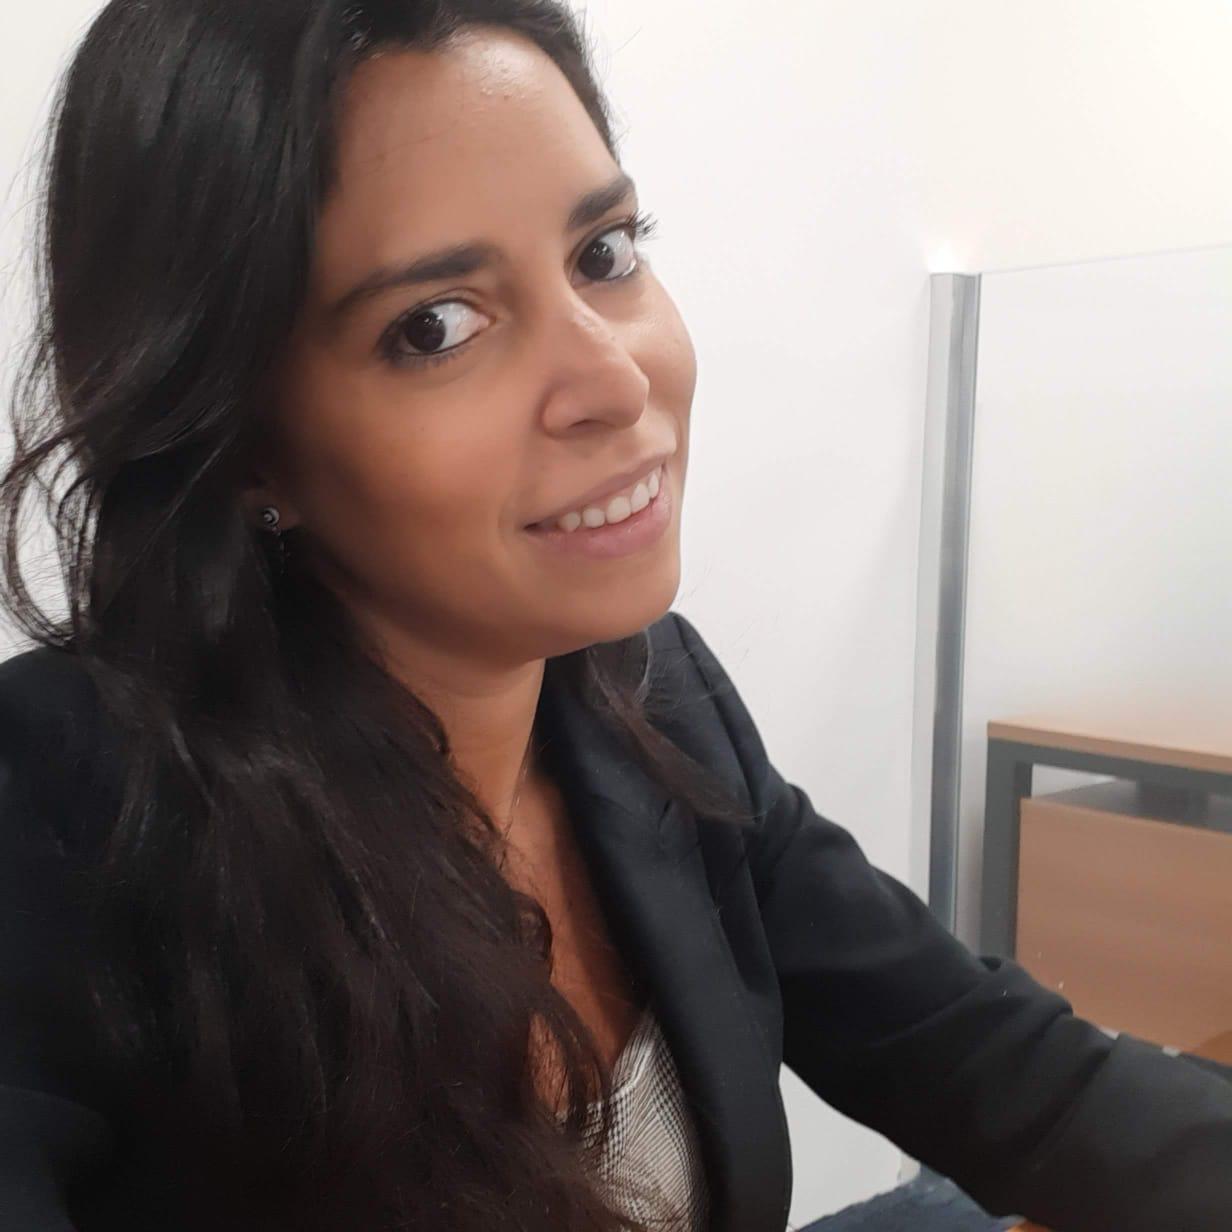 Juliana Kyriazis